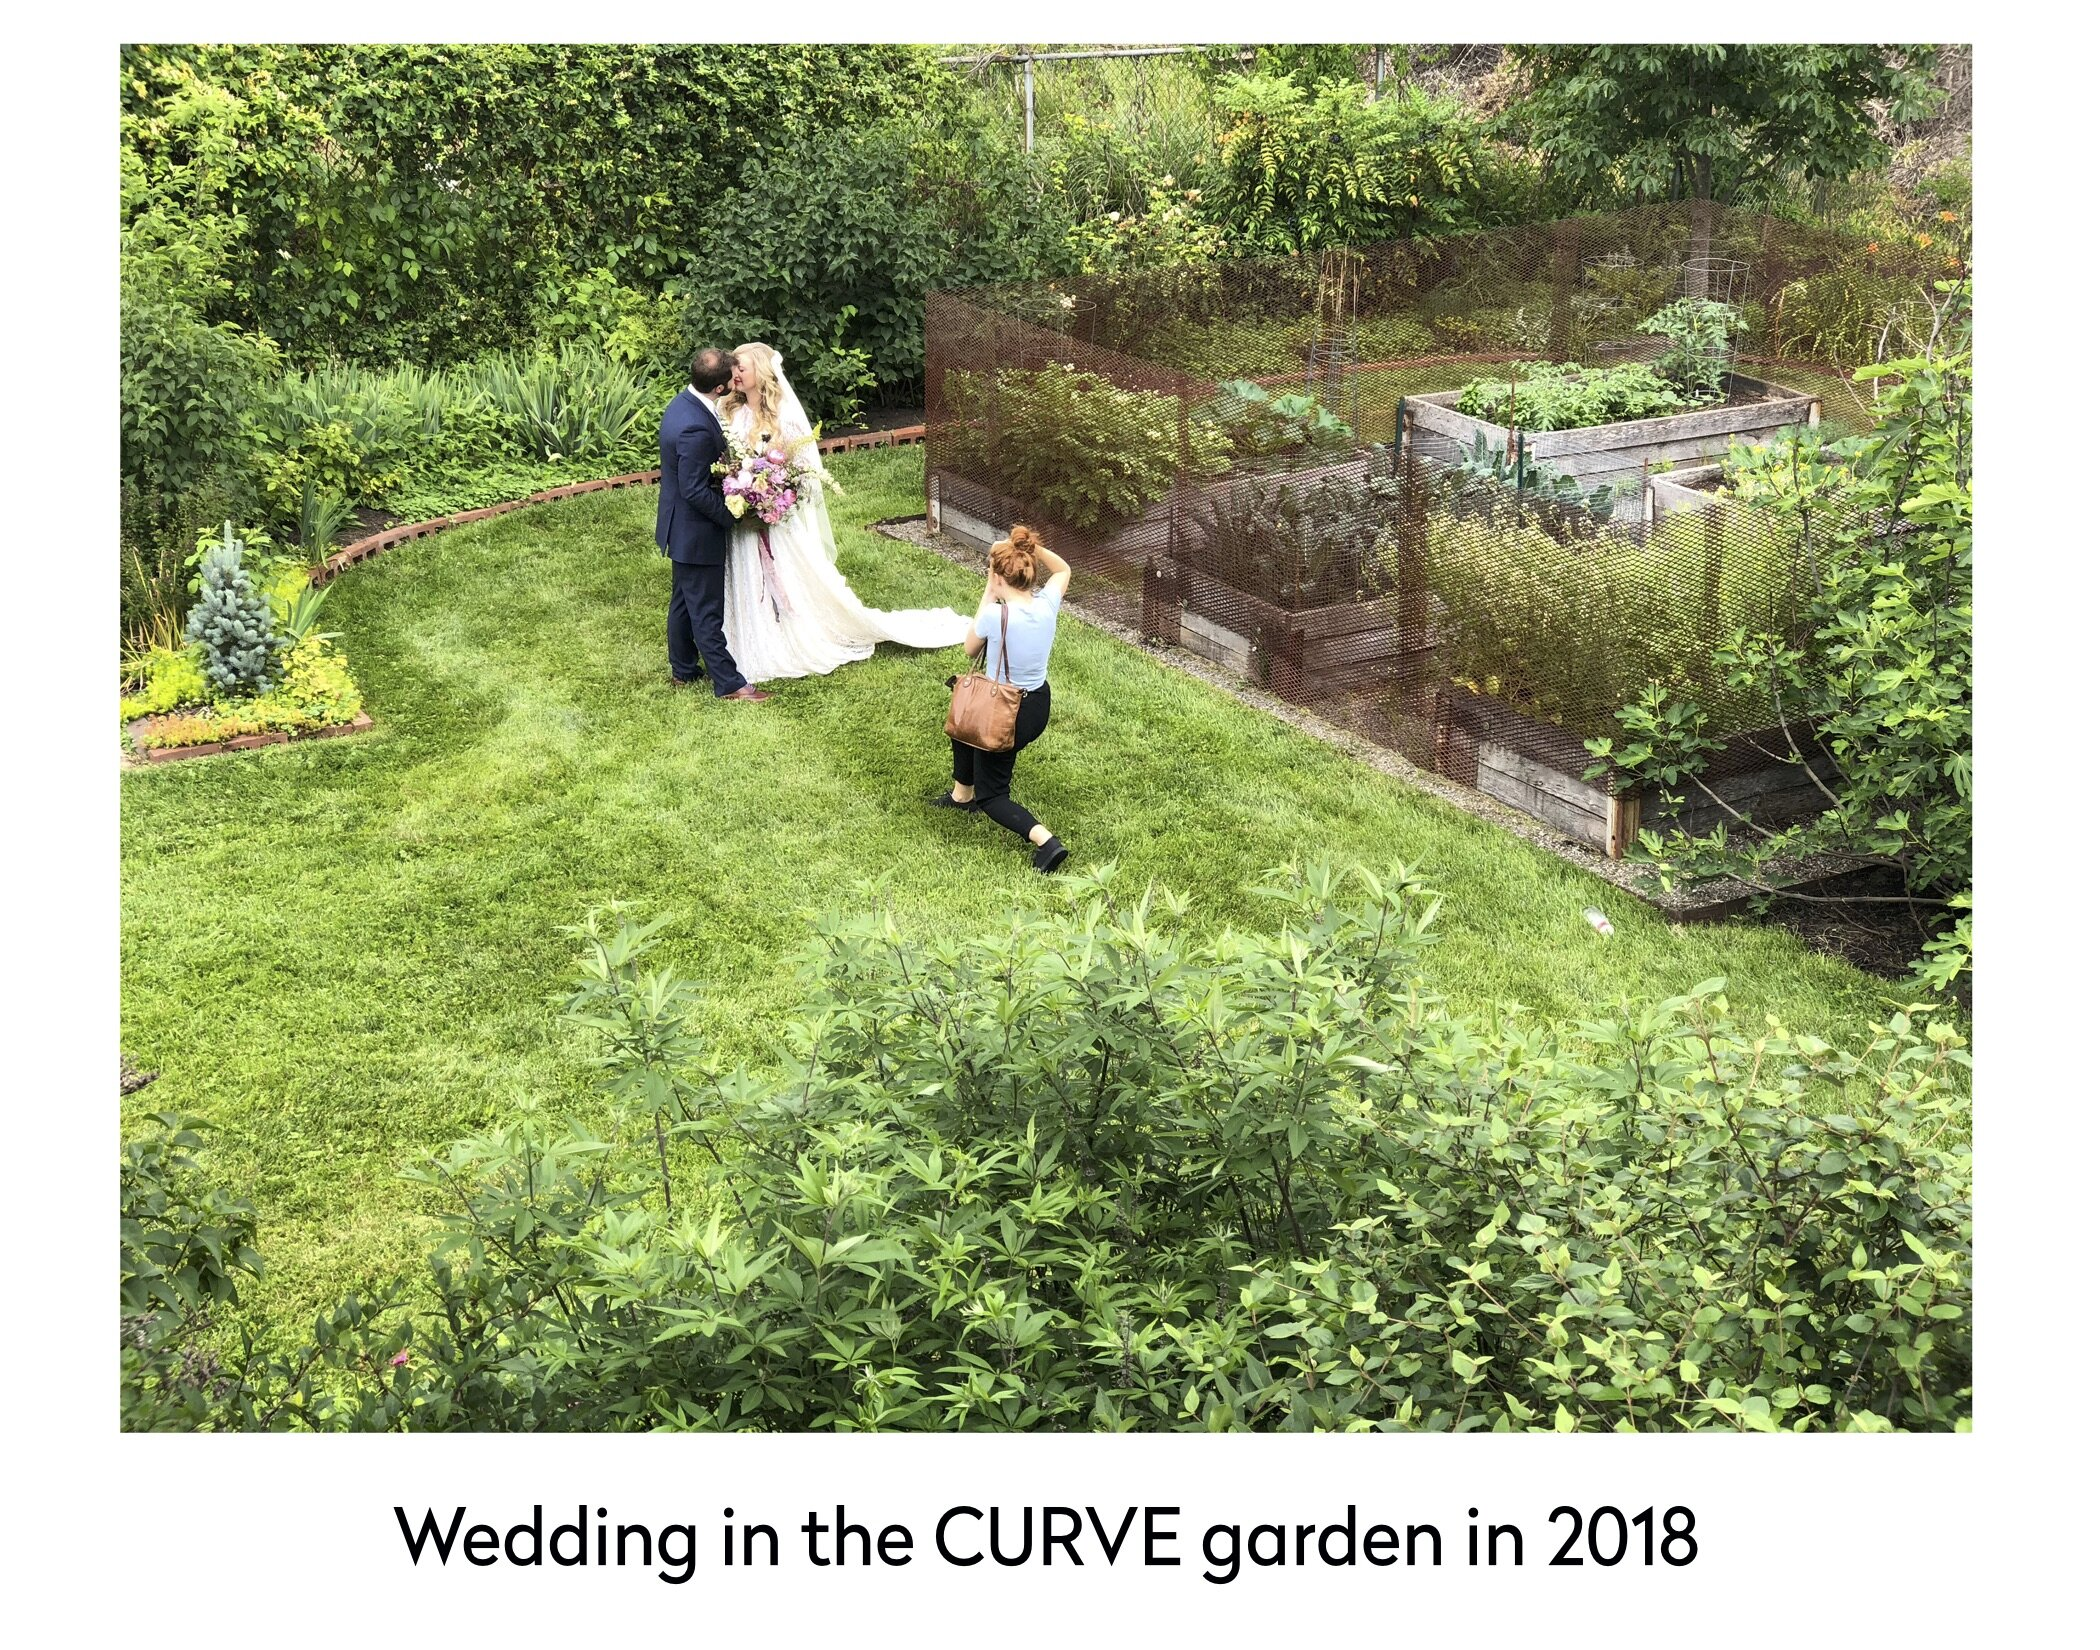 wedding curve garden 2018.jpg